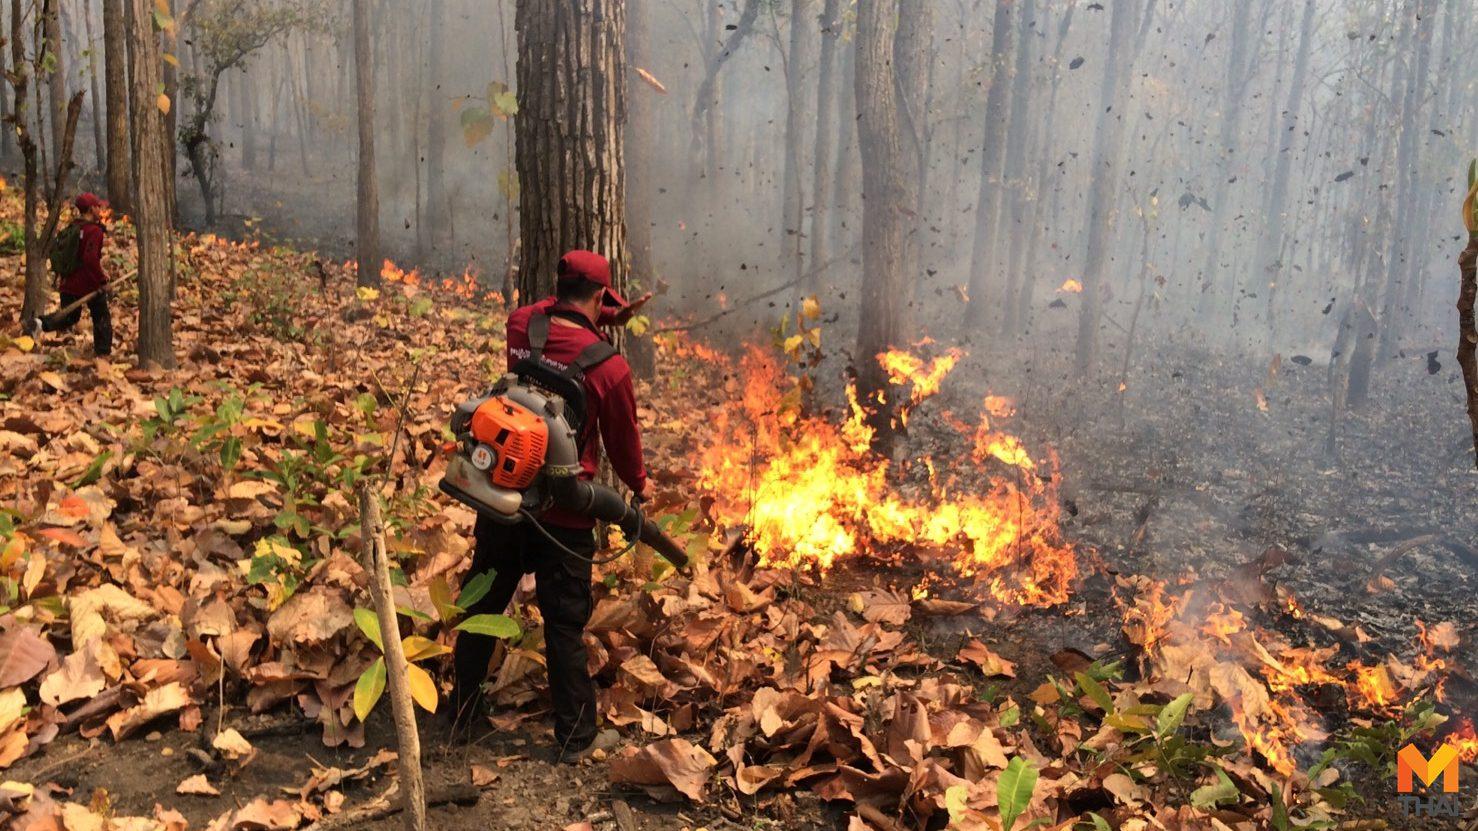 ร.10 ทรงห่วงใยปัญหาหมอกควันไฟป่า-ฝุ่นละอองภาคเหนือ